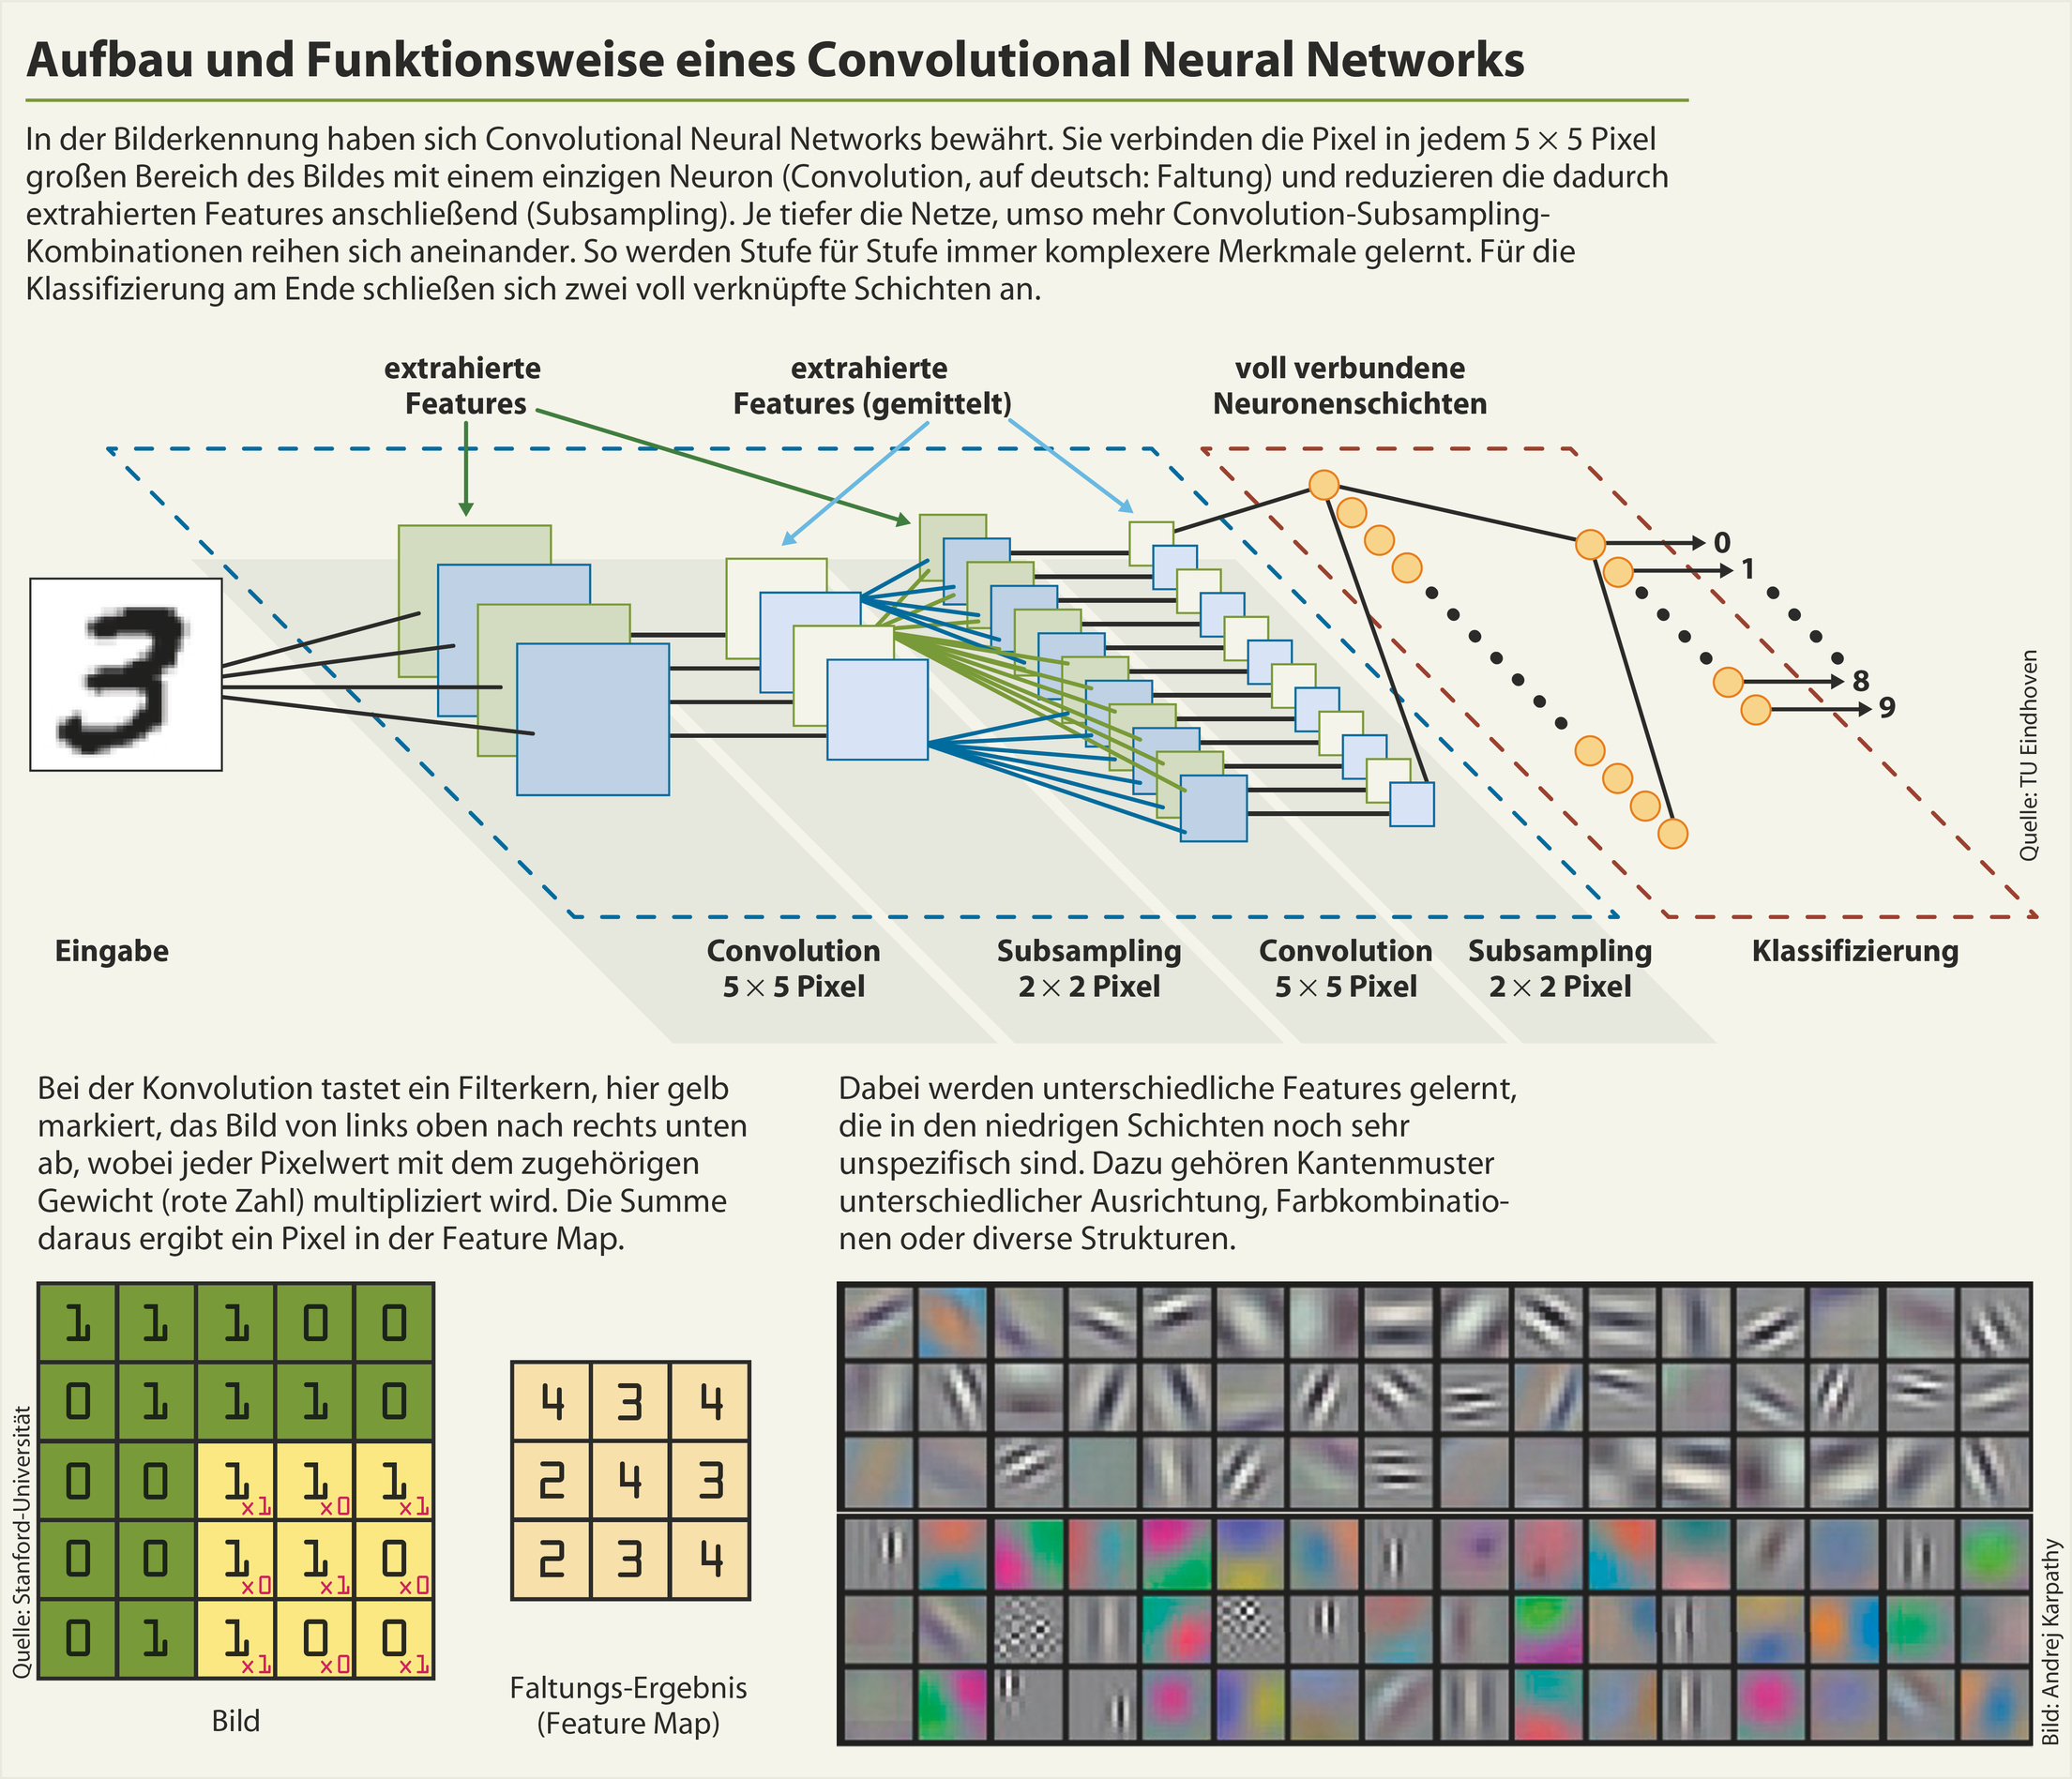 trading algorithmus für neuronale netzwerke